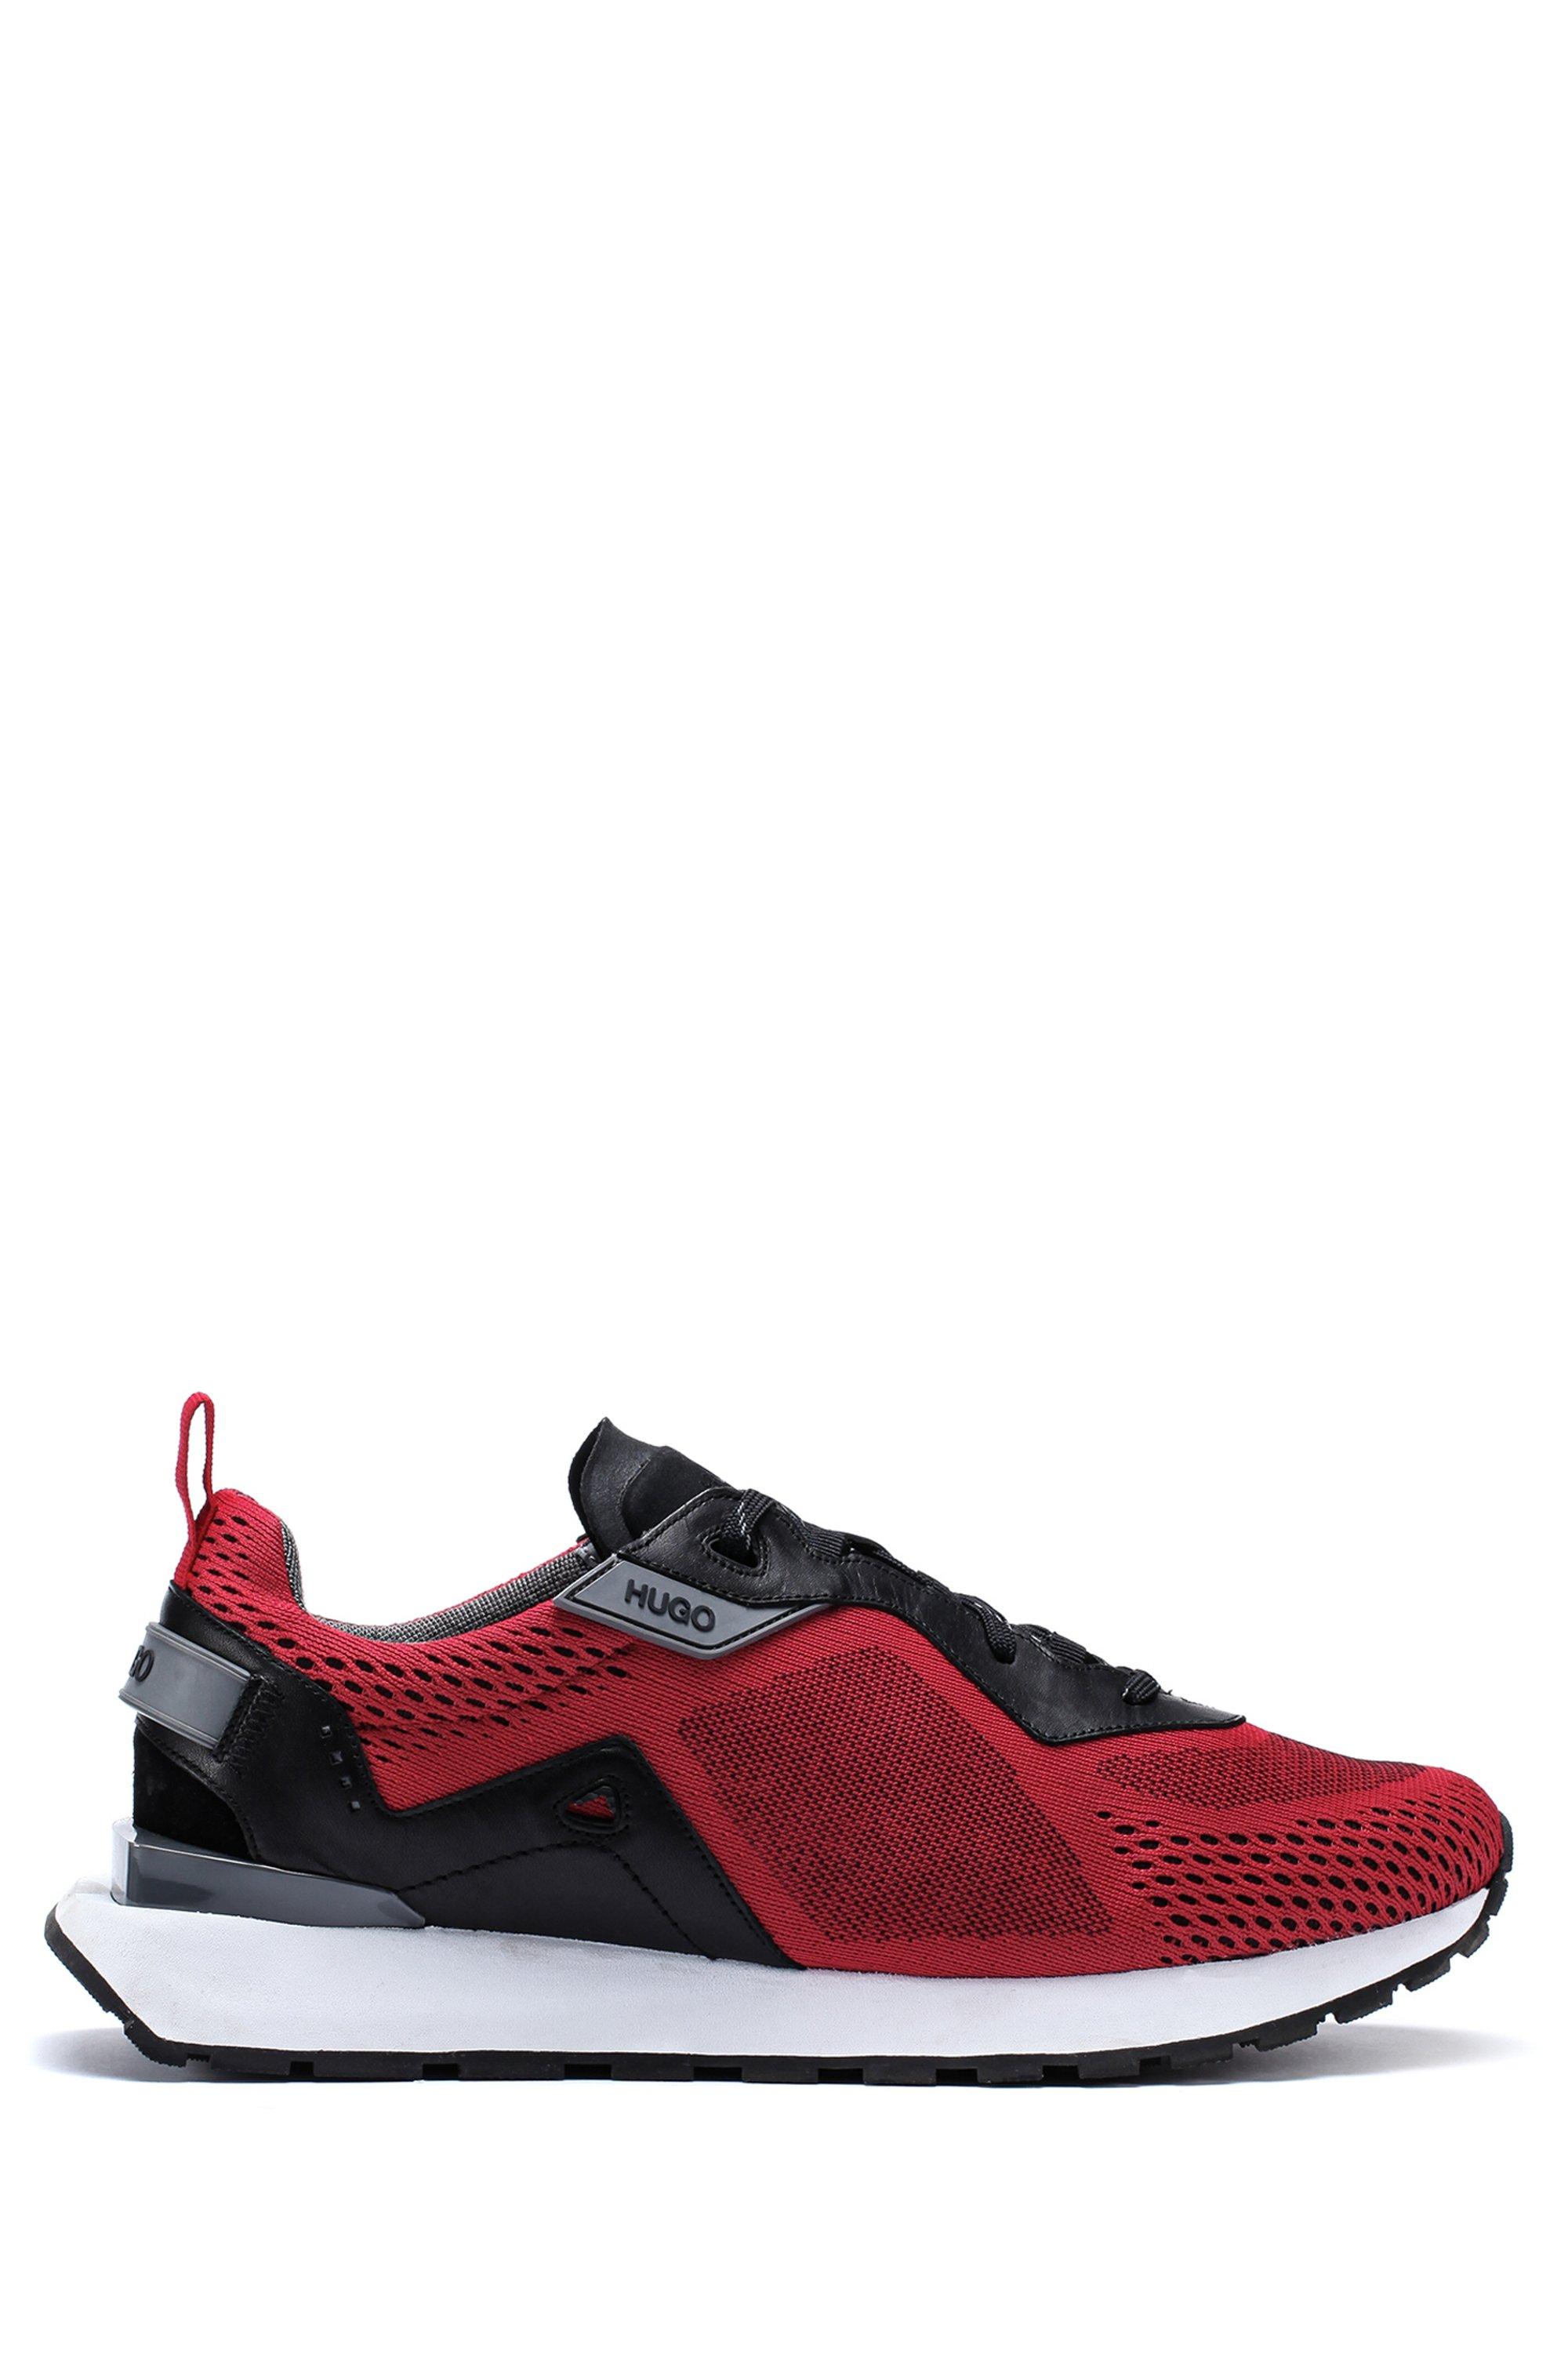 Baskets style chaussures de course avec tige en jacquard tissé, Rouge sombre